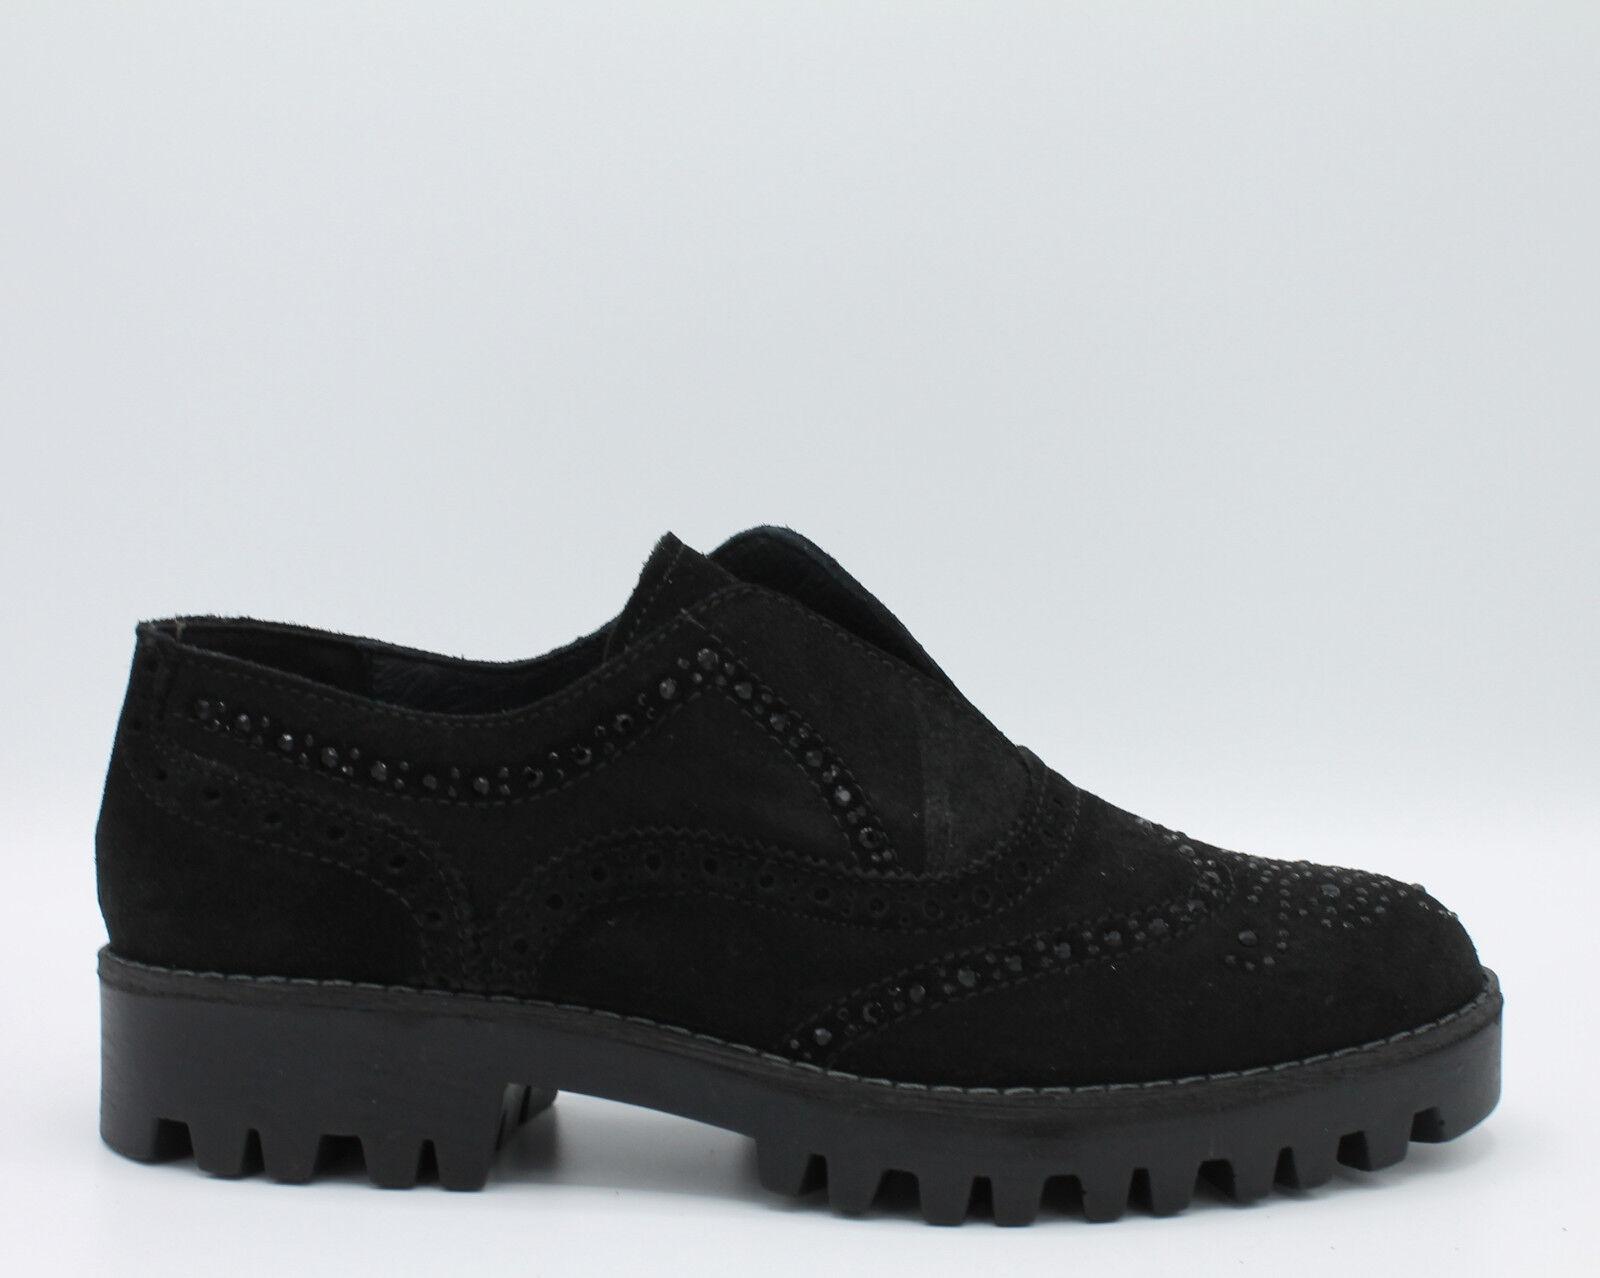 Igi & co. Chaussures pour femmes slip-on en daim noir piqûres anglais art. 87940